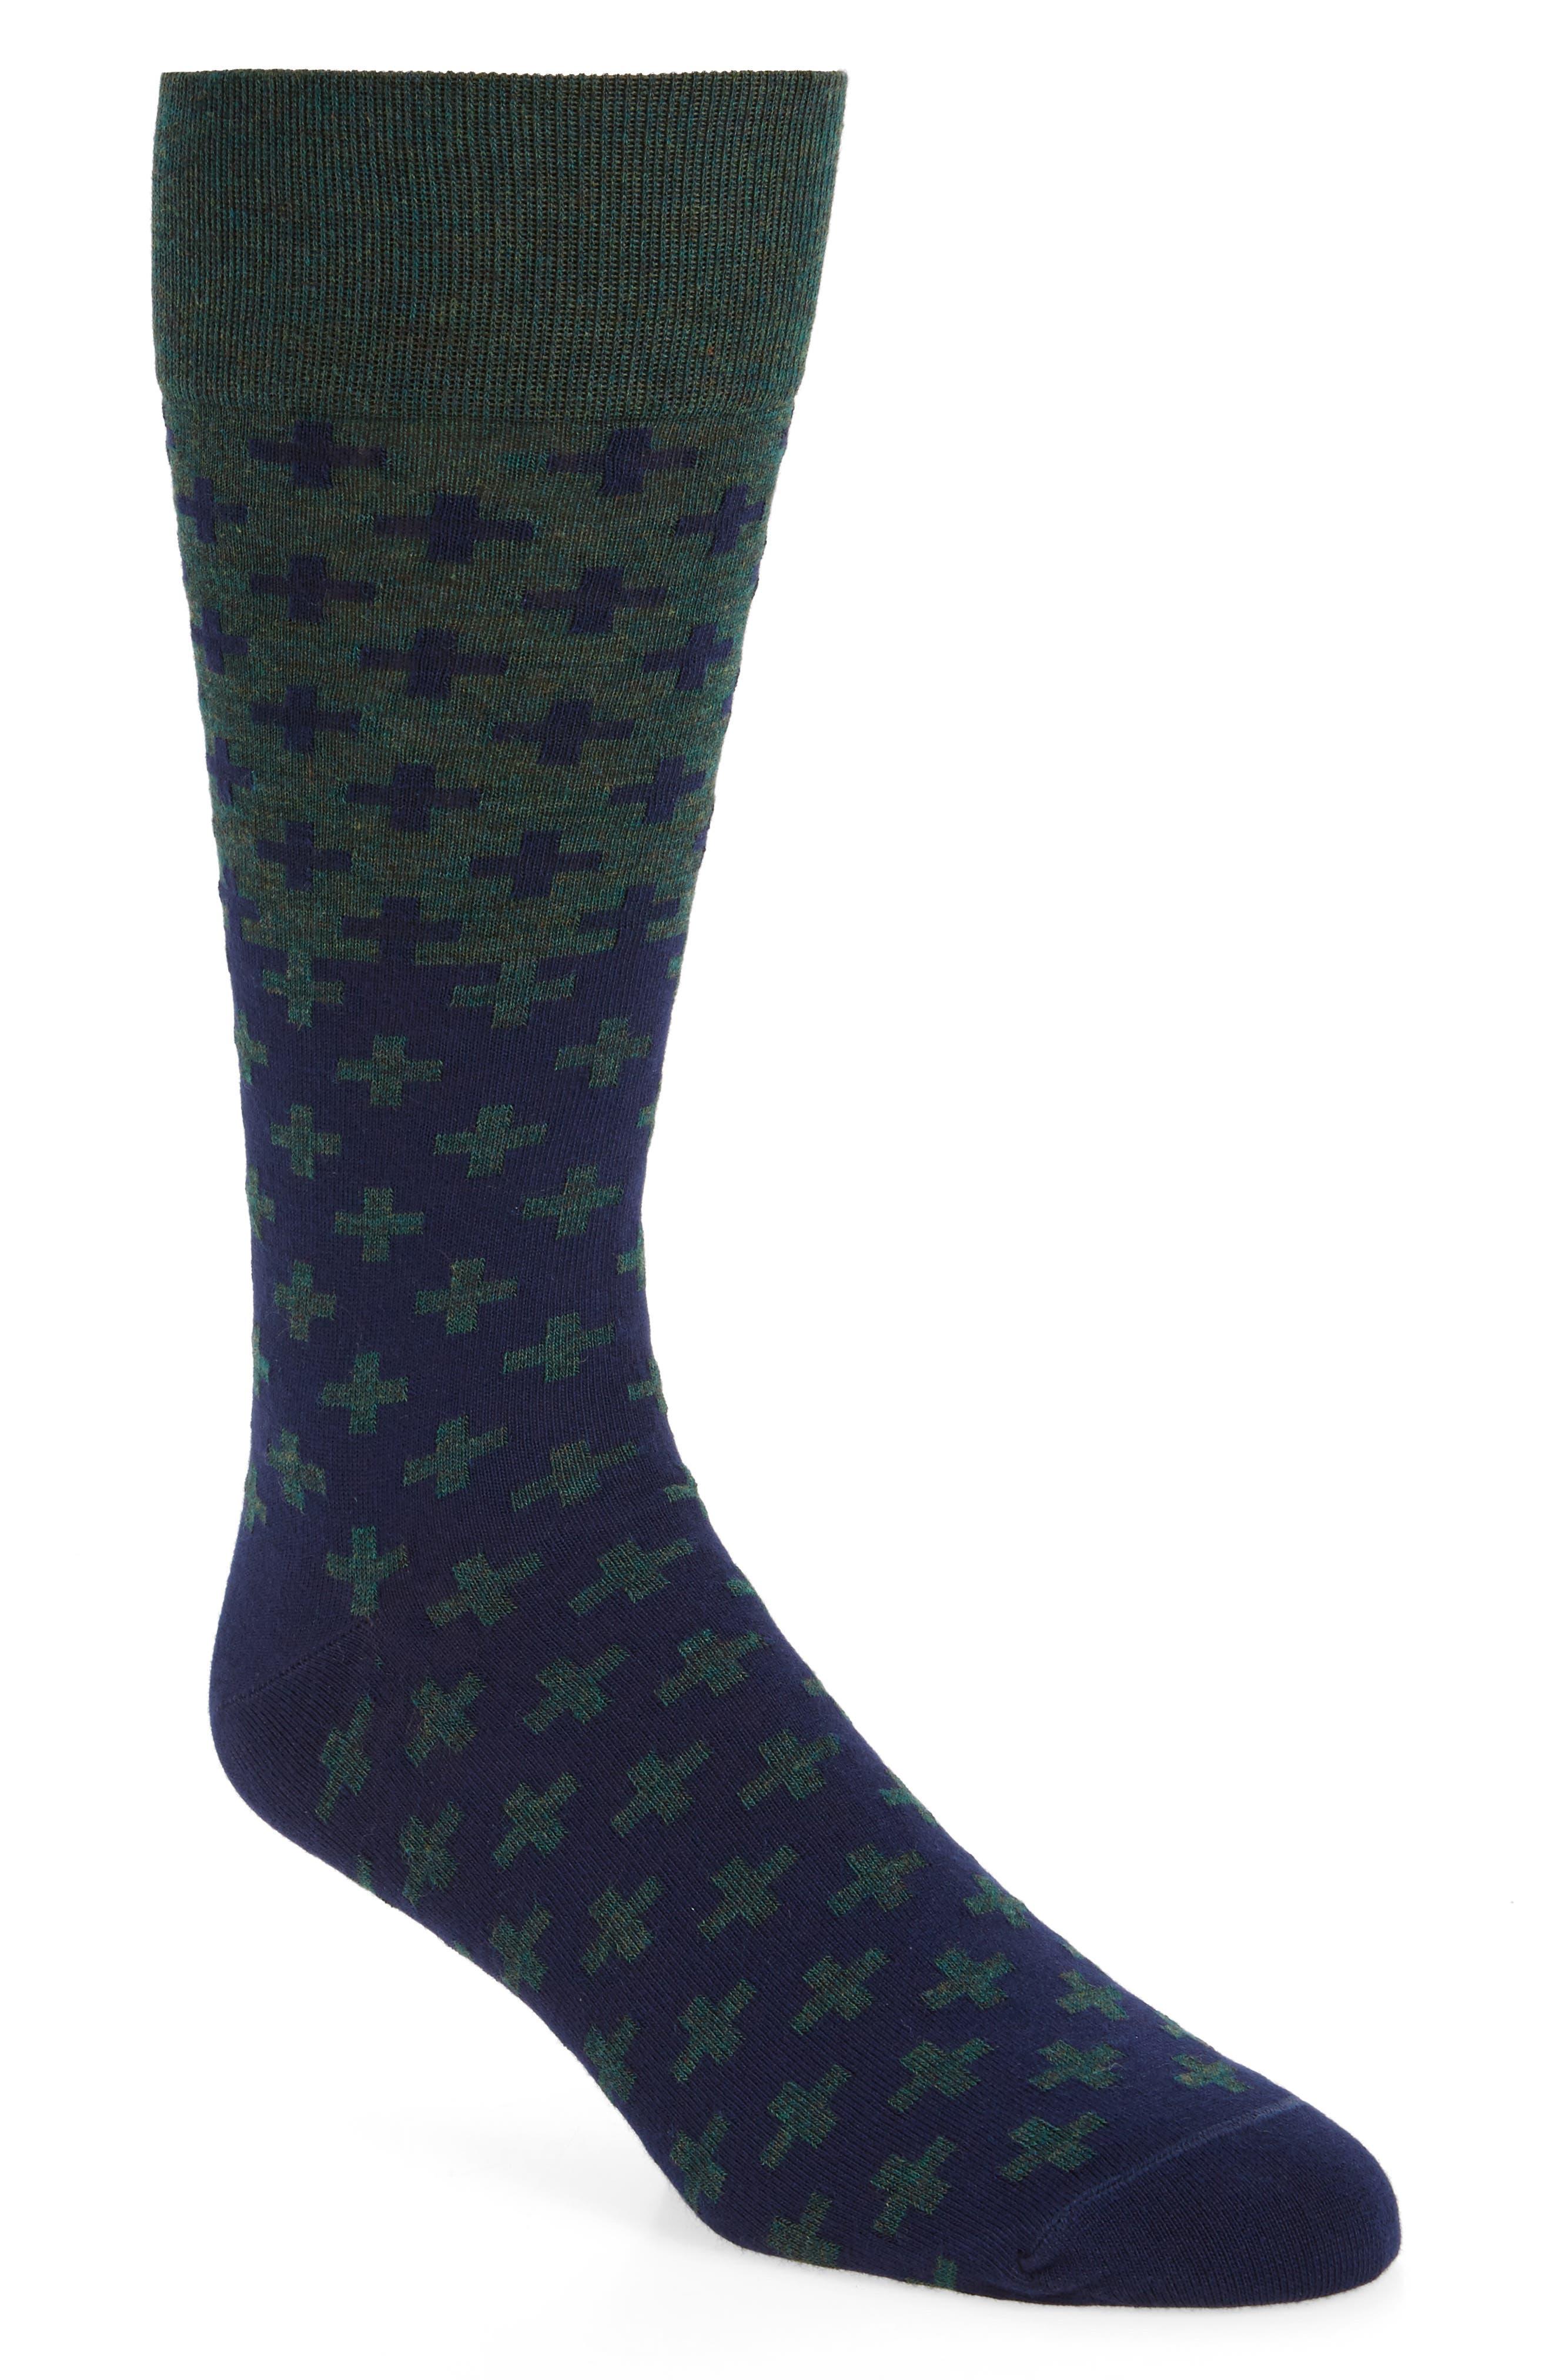 Cross Socks,                             Main thumbnail 1, color,                             Green Sycamore